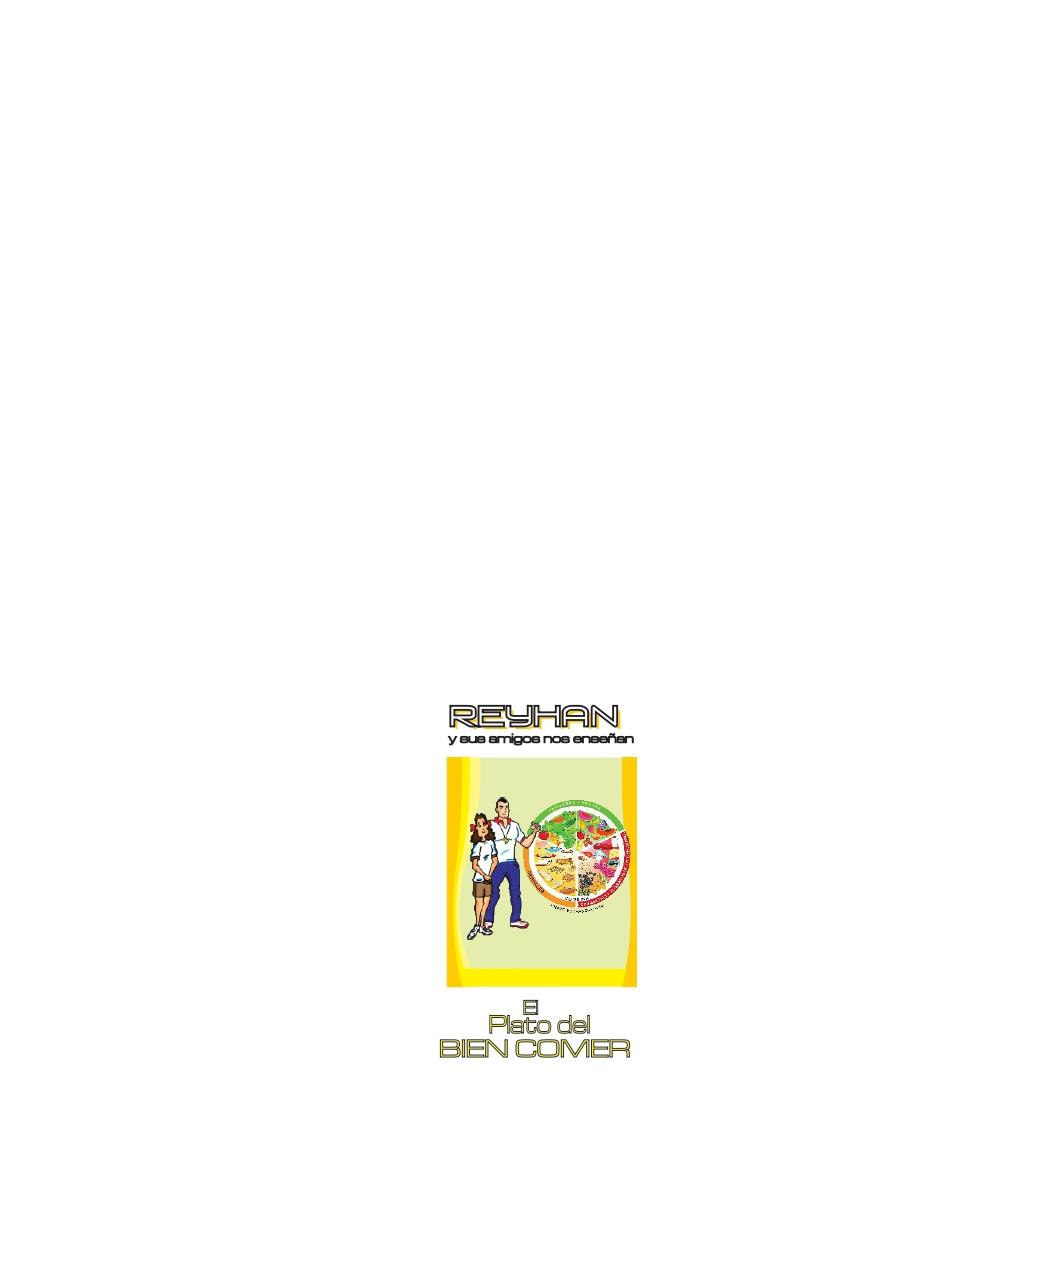 Plato del Bien Comer digital_page-0024